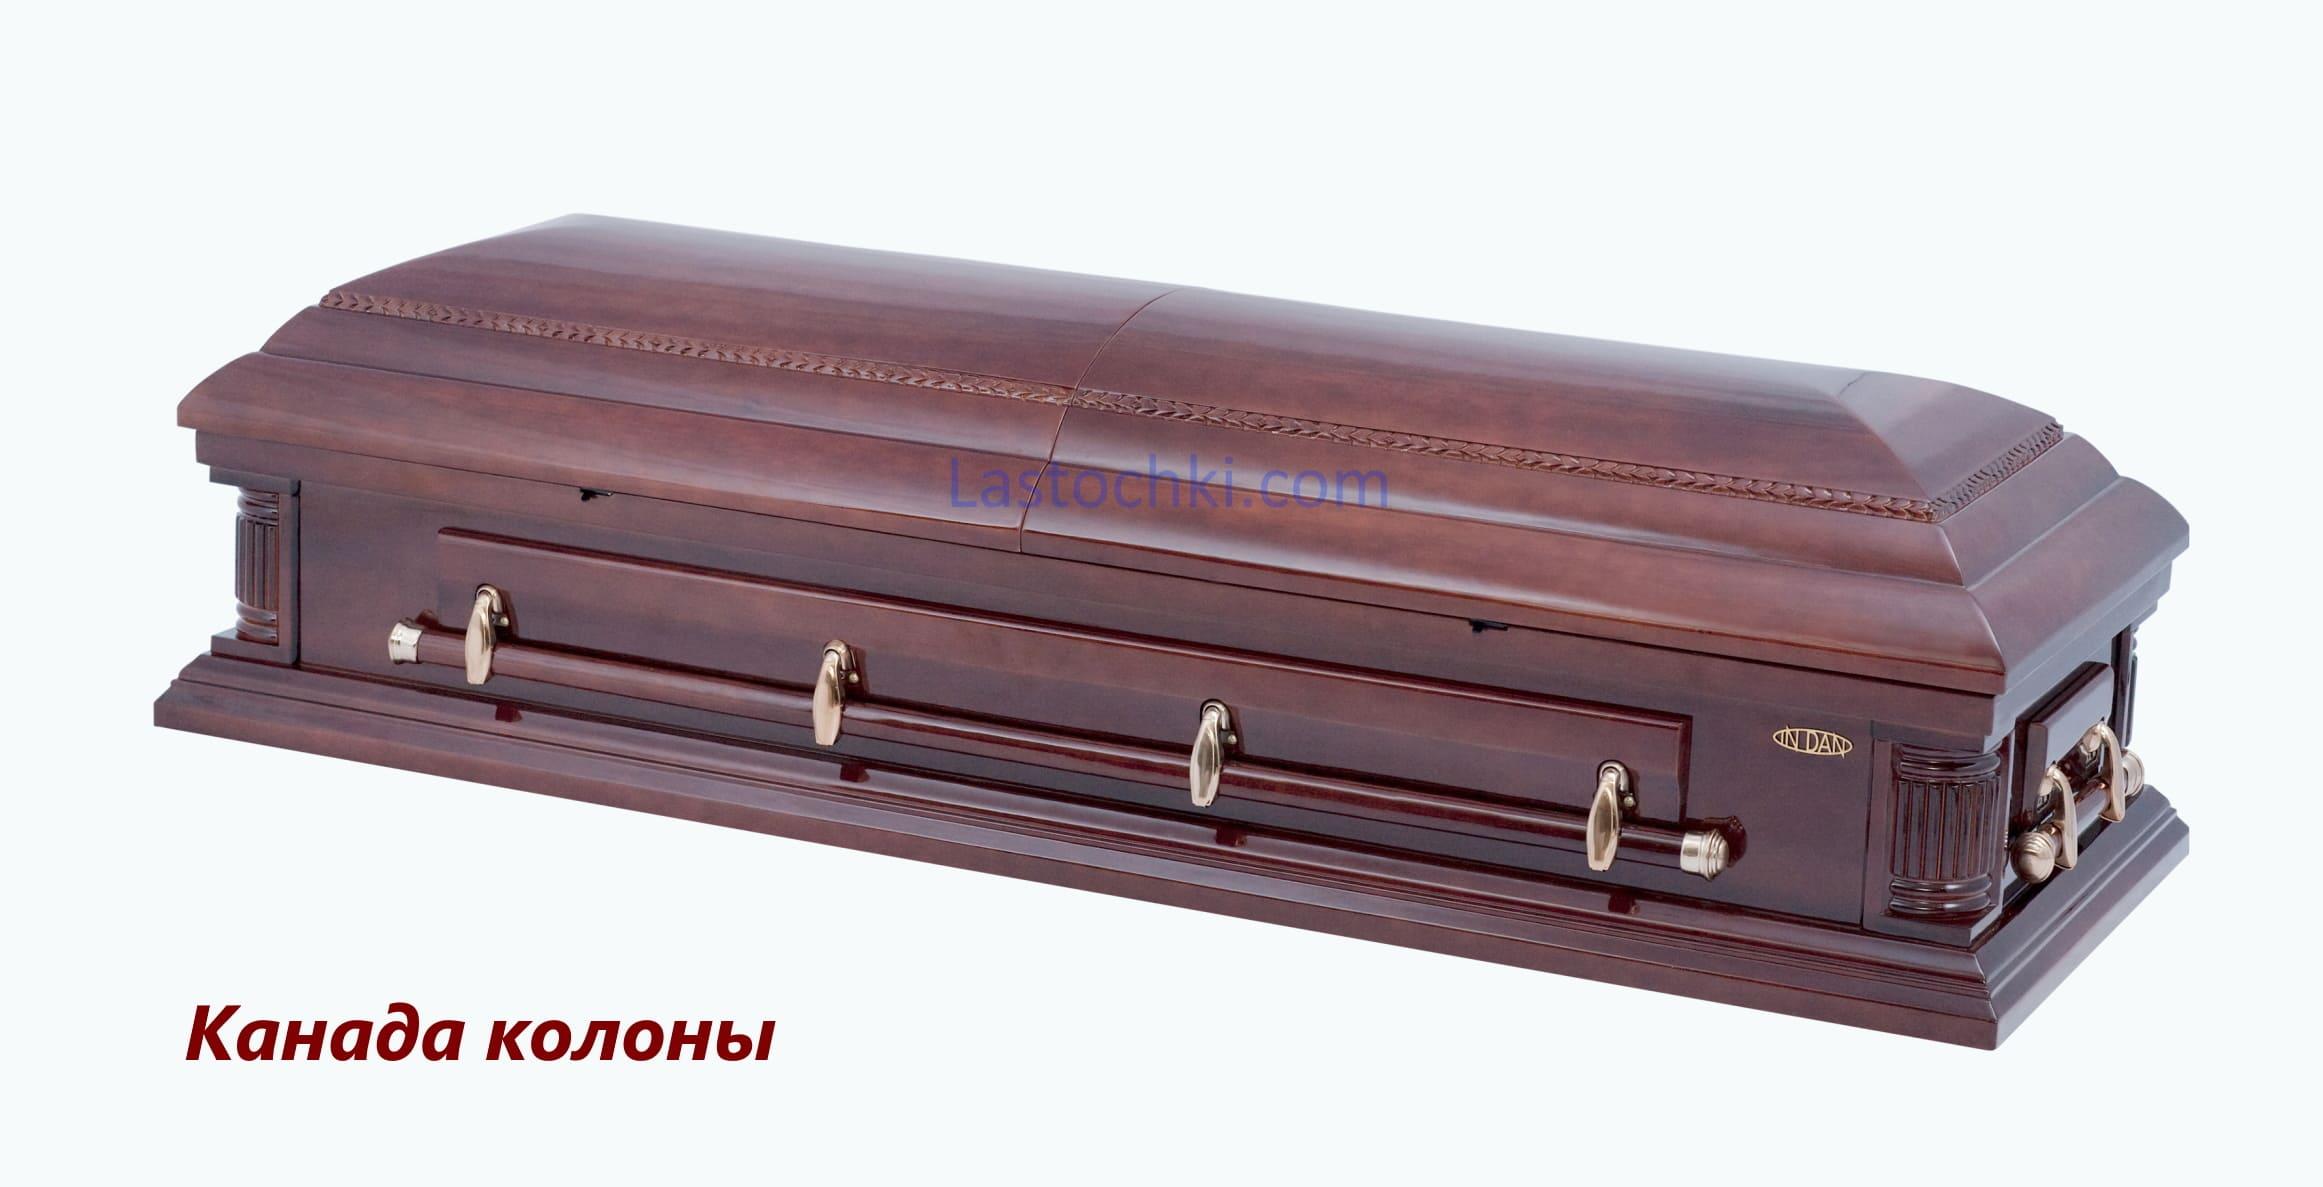 Саркофаг Канада колоны  -  Цена 70 000 грн.